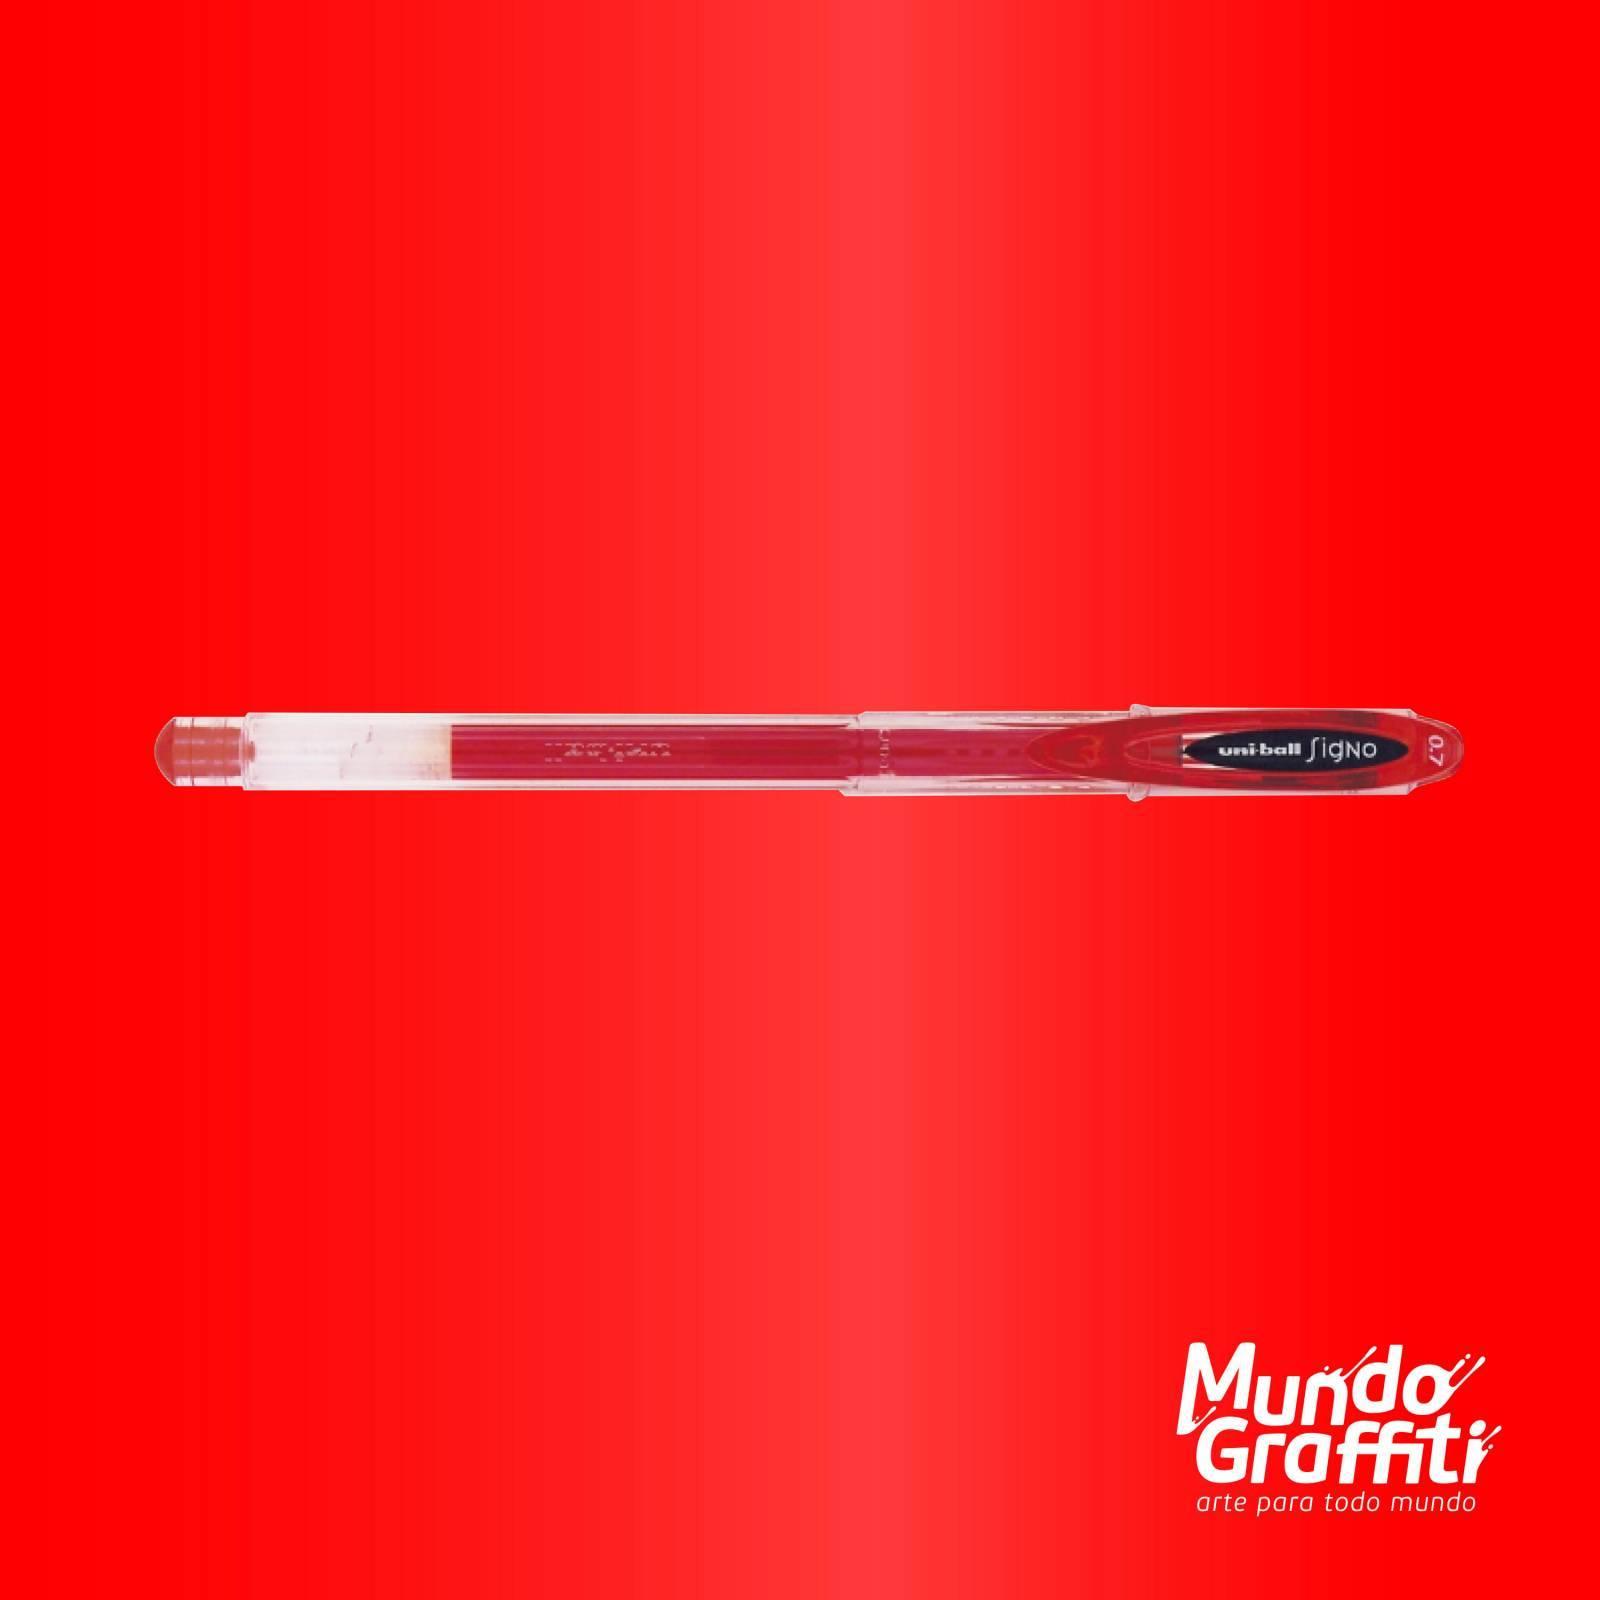 Caneta Signo Gel Neo Vermelho 0,7mm - Mundo Graffiti